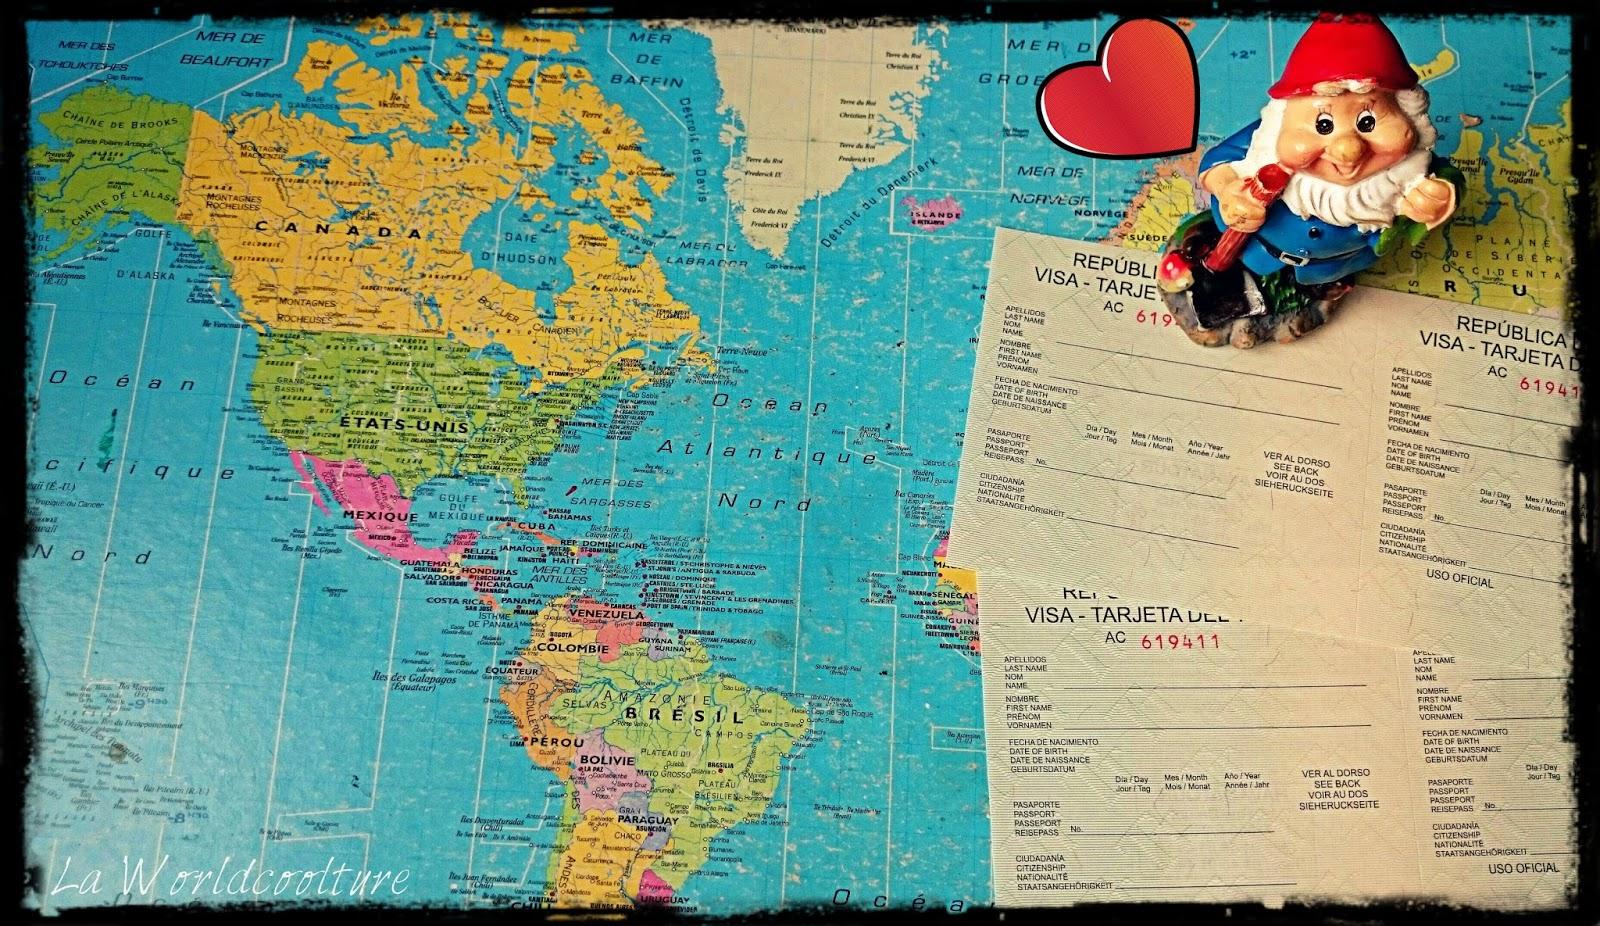 Carte Cuba Guide Du Routard.Cuba Les Preparatifs Avant Le Depart La World Coolture